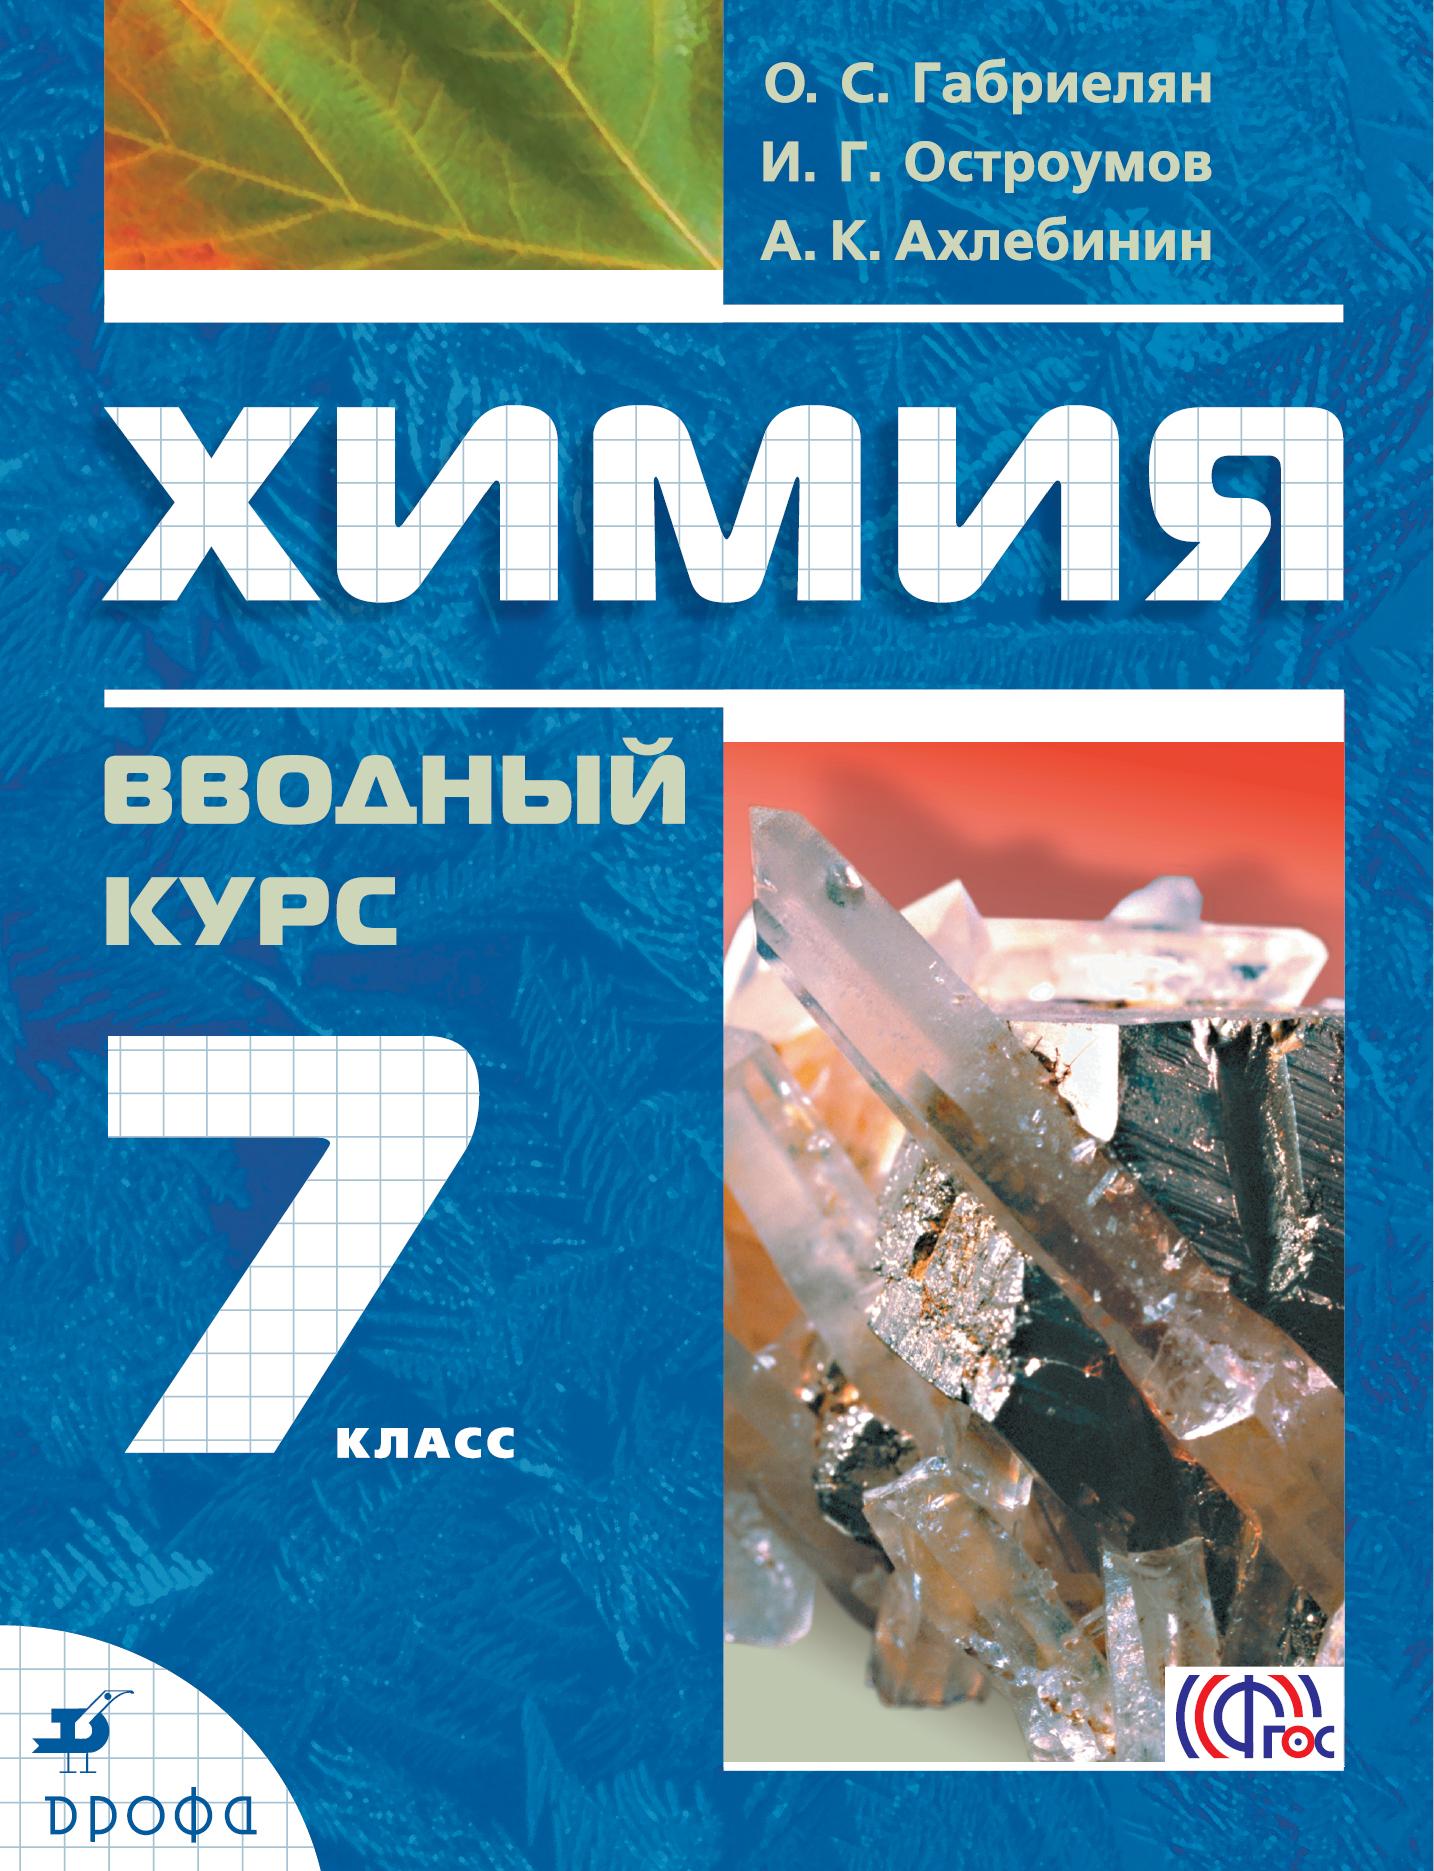 Учебник по химии 7 класс вводный курс о.с.габриелян и.г остроумов а.к.ахлебинин скачать